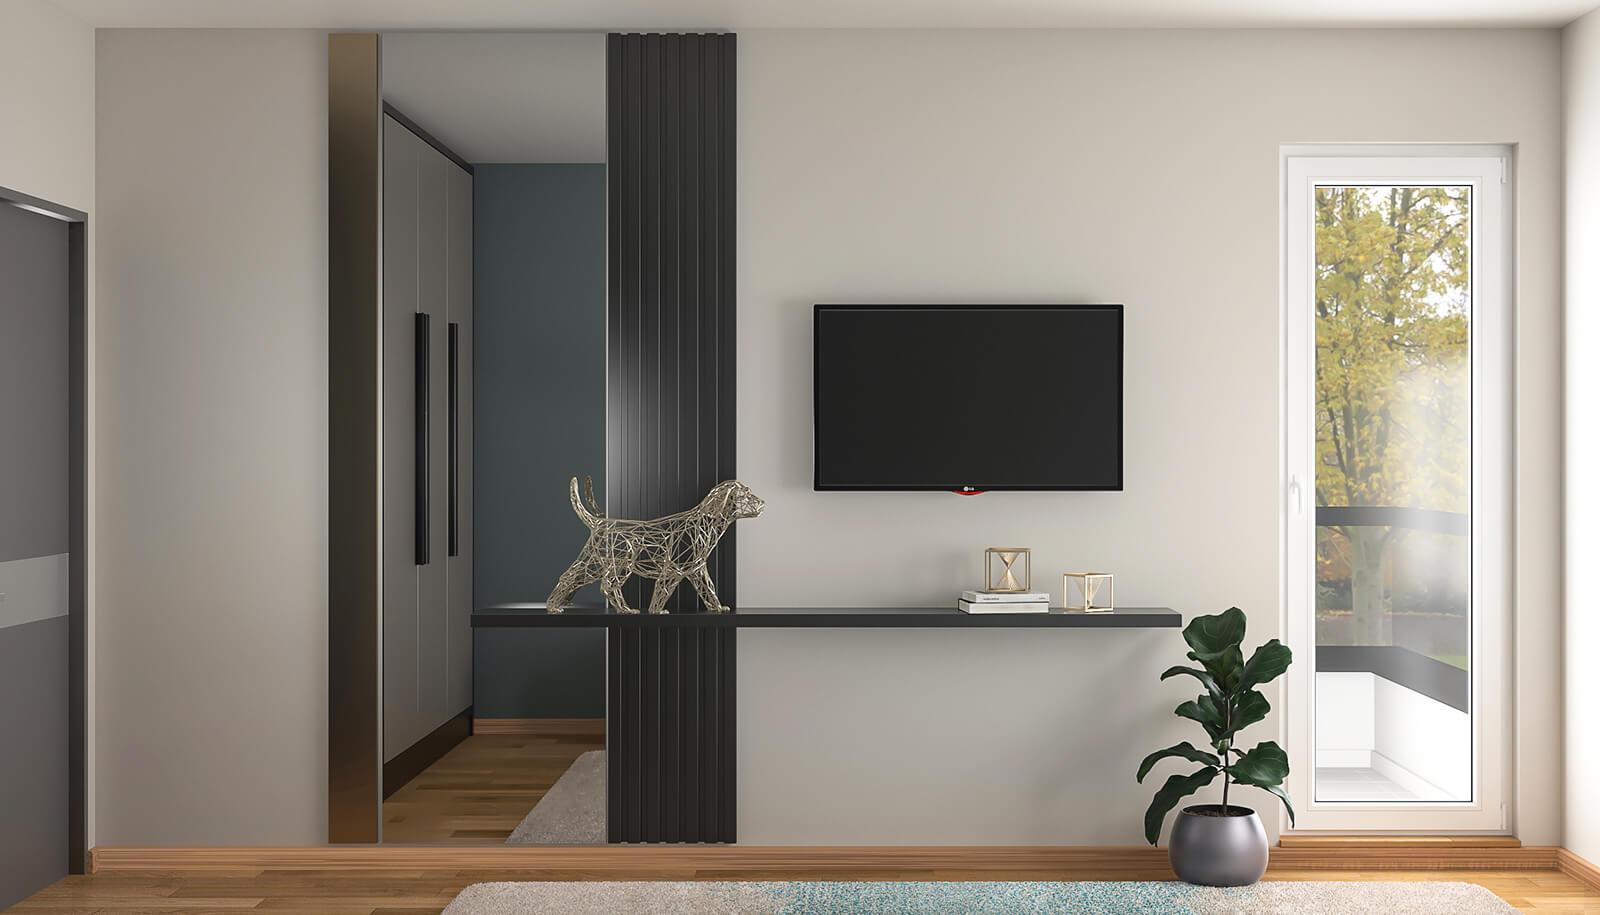 interioren-dizain-na-spalnia-staya-za-gosti-gotan